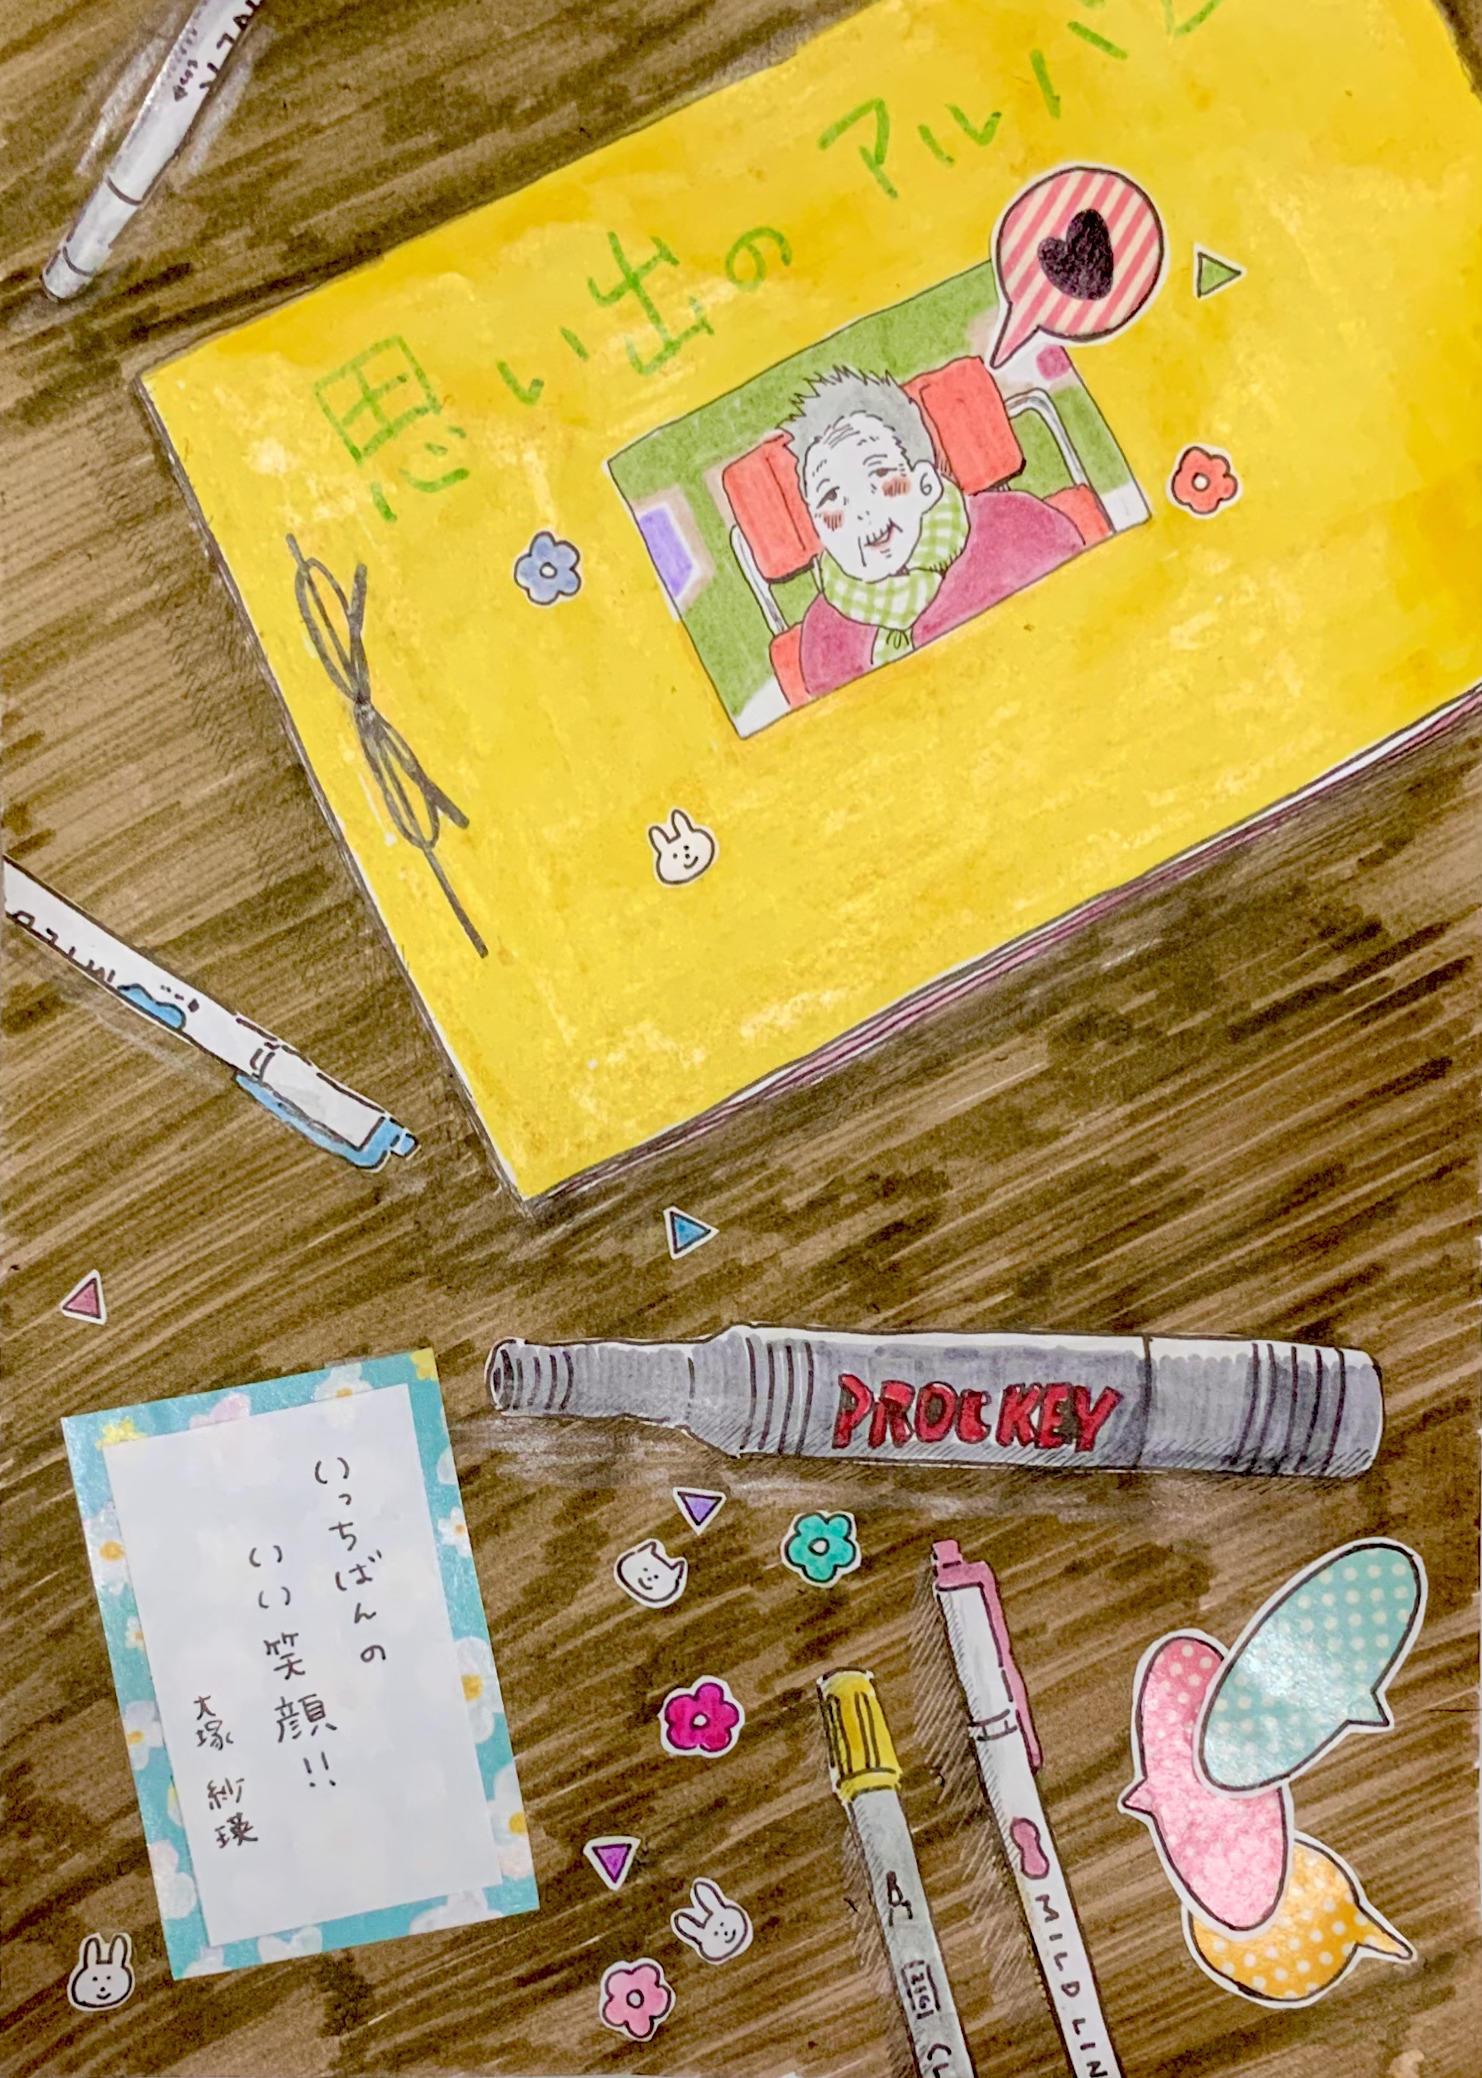 【連載】大塚紗瑛の介護絵日記『すいもあまいも』|第5話「アルバム」